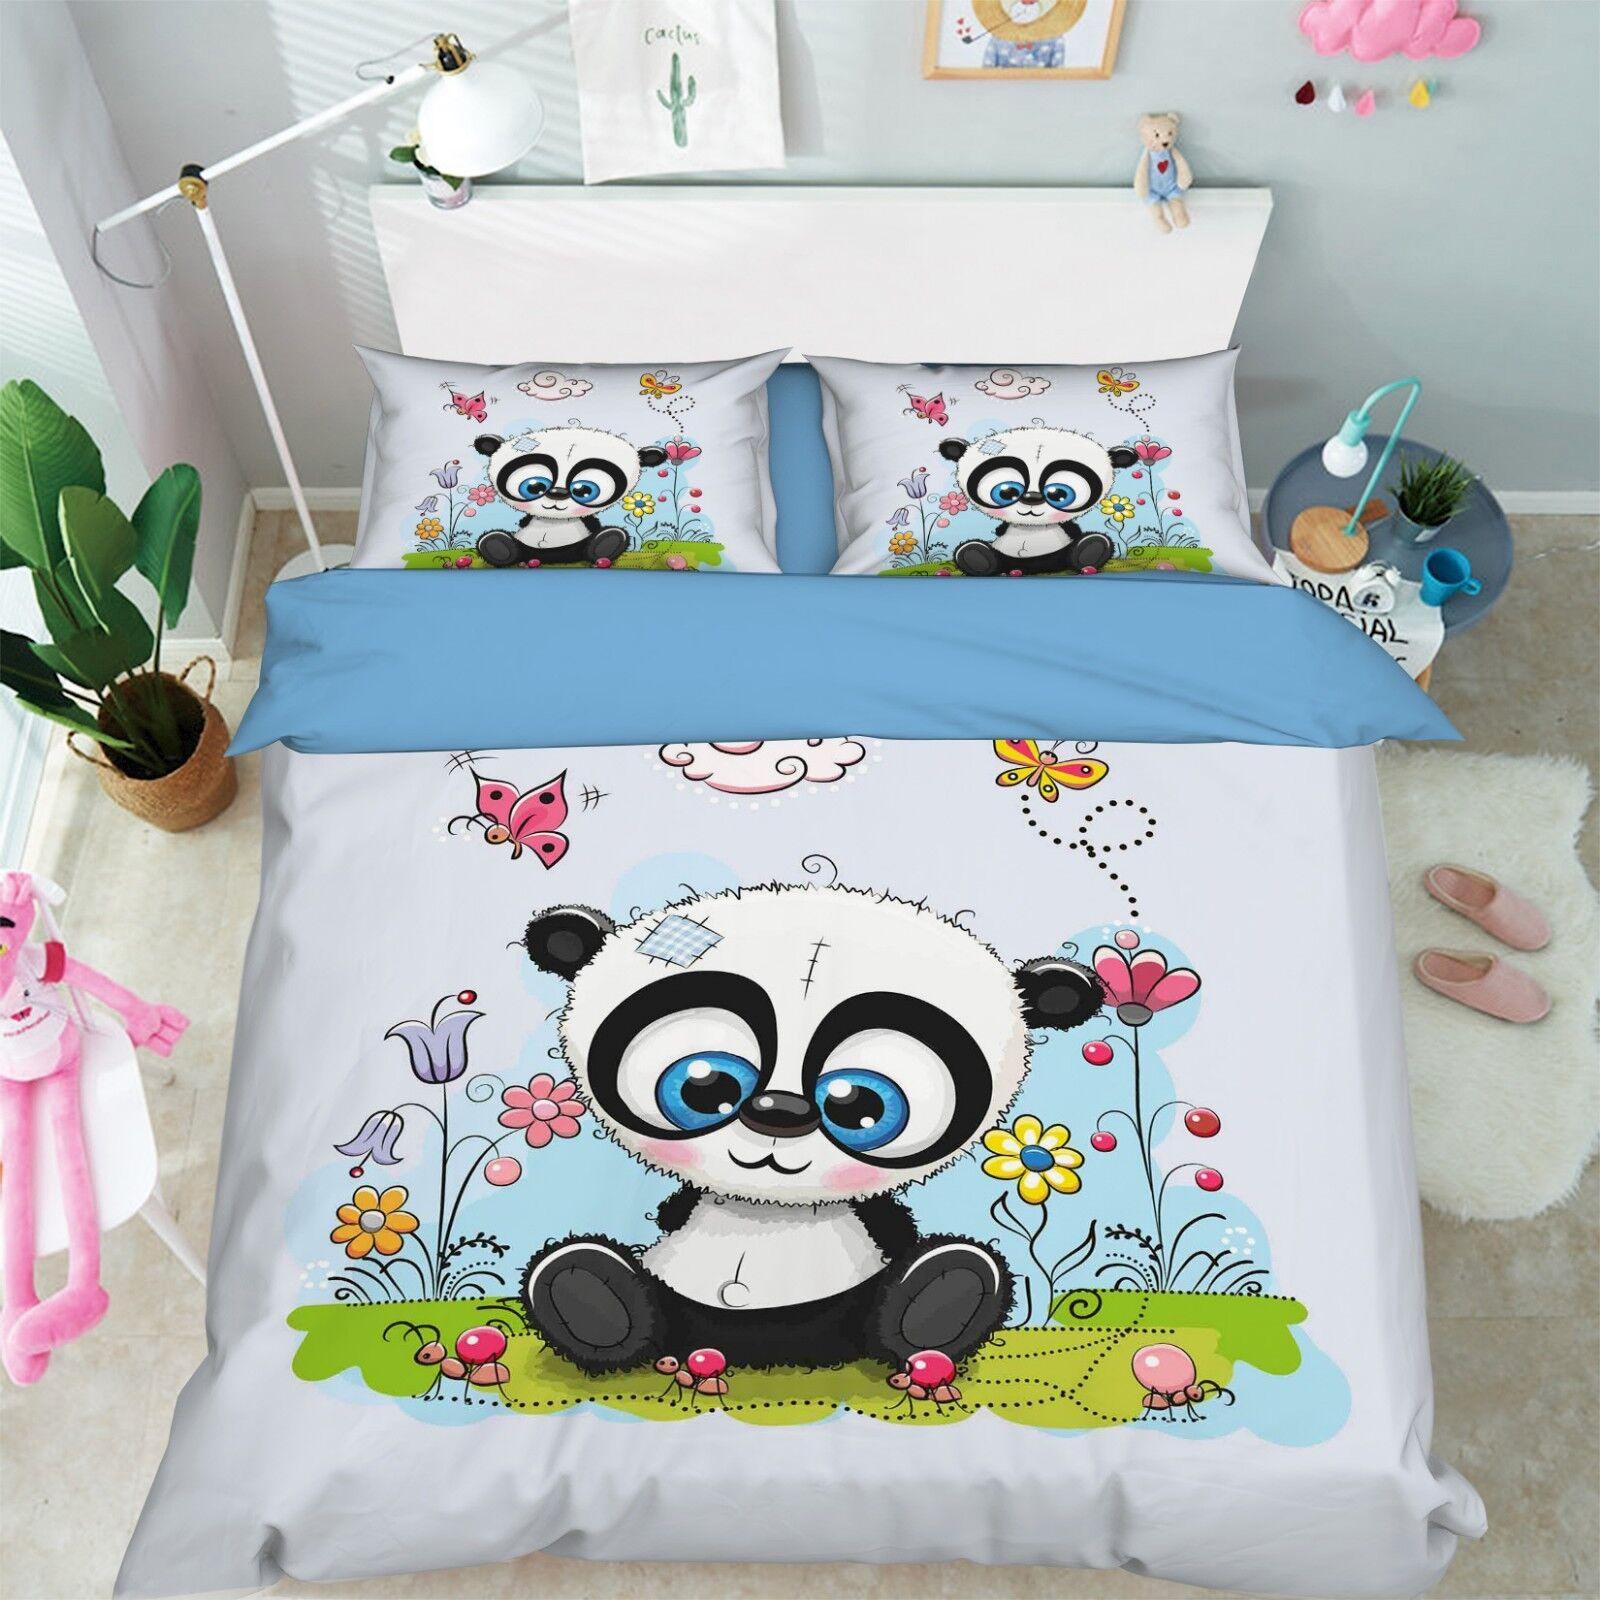 3D Netter Panda 113 Bett Kissenbez Kombi-3-3-3-3-3-3-3-3-3-3-3-3-3-3-3-3-3-3-3-3-3-3-3-3-3-3-3-3-3-3-3-3-3-3-3nigin DE